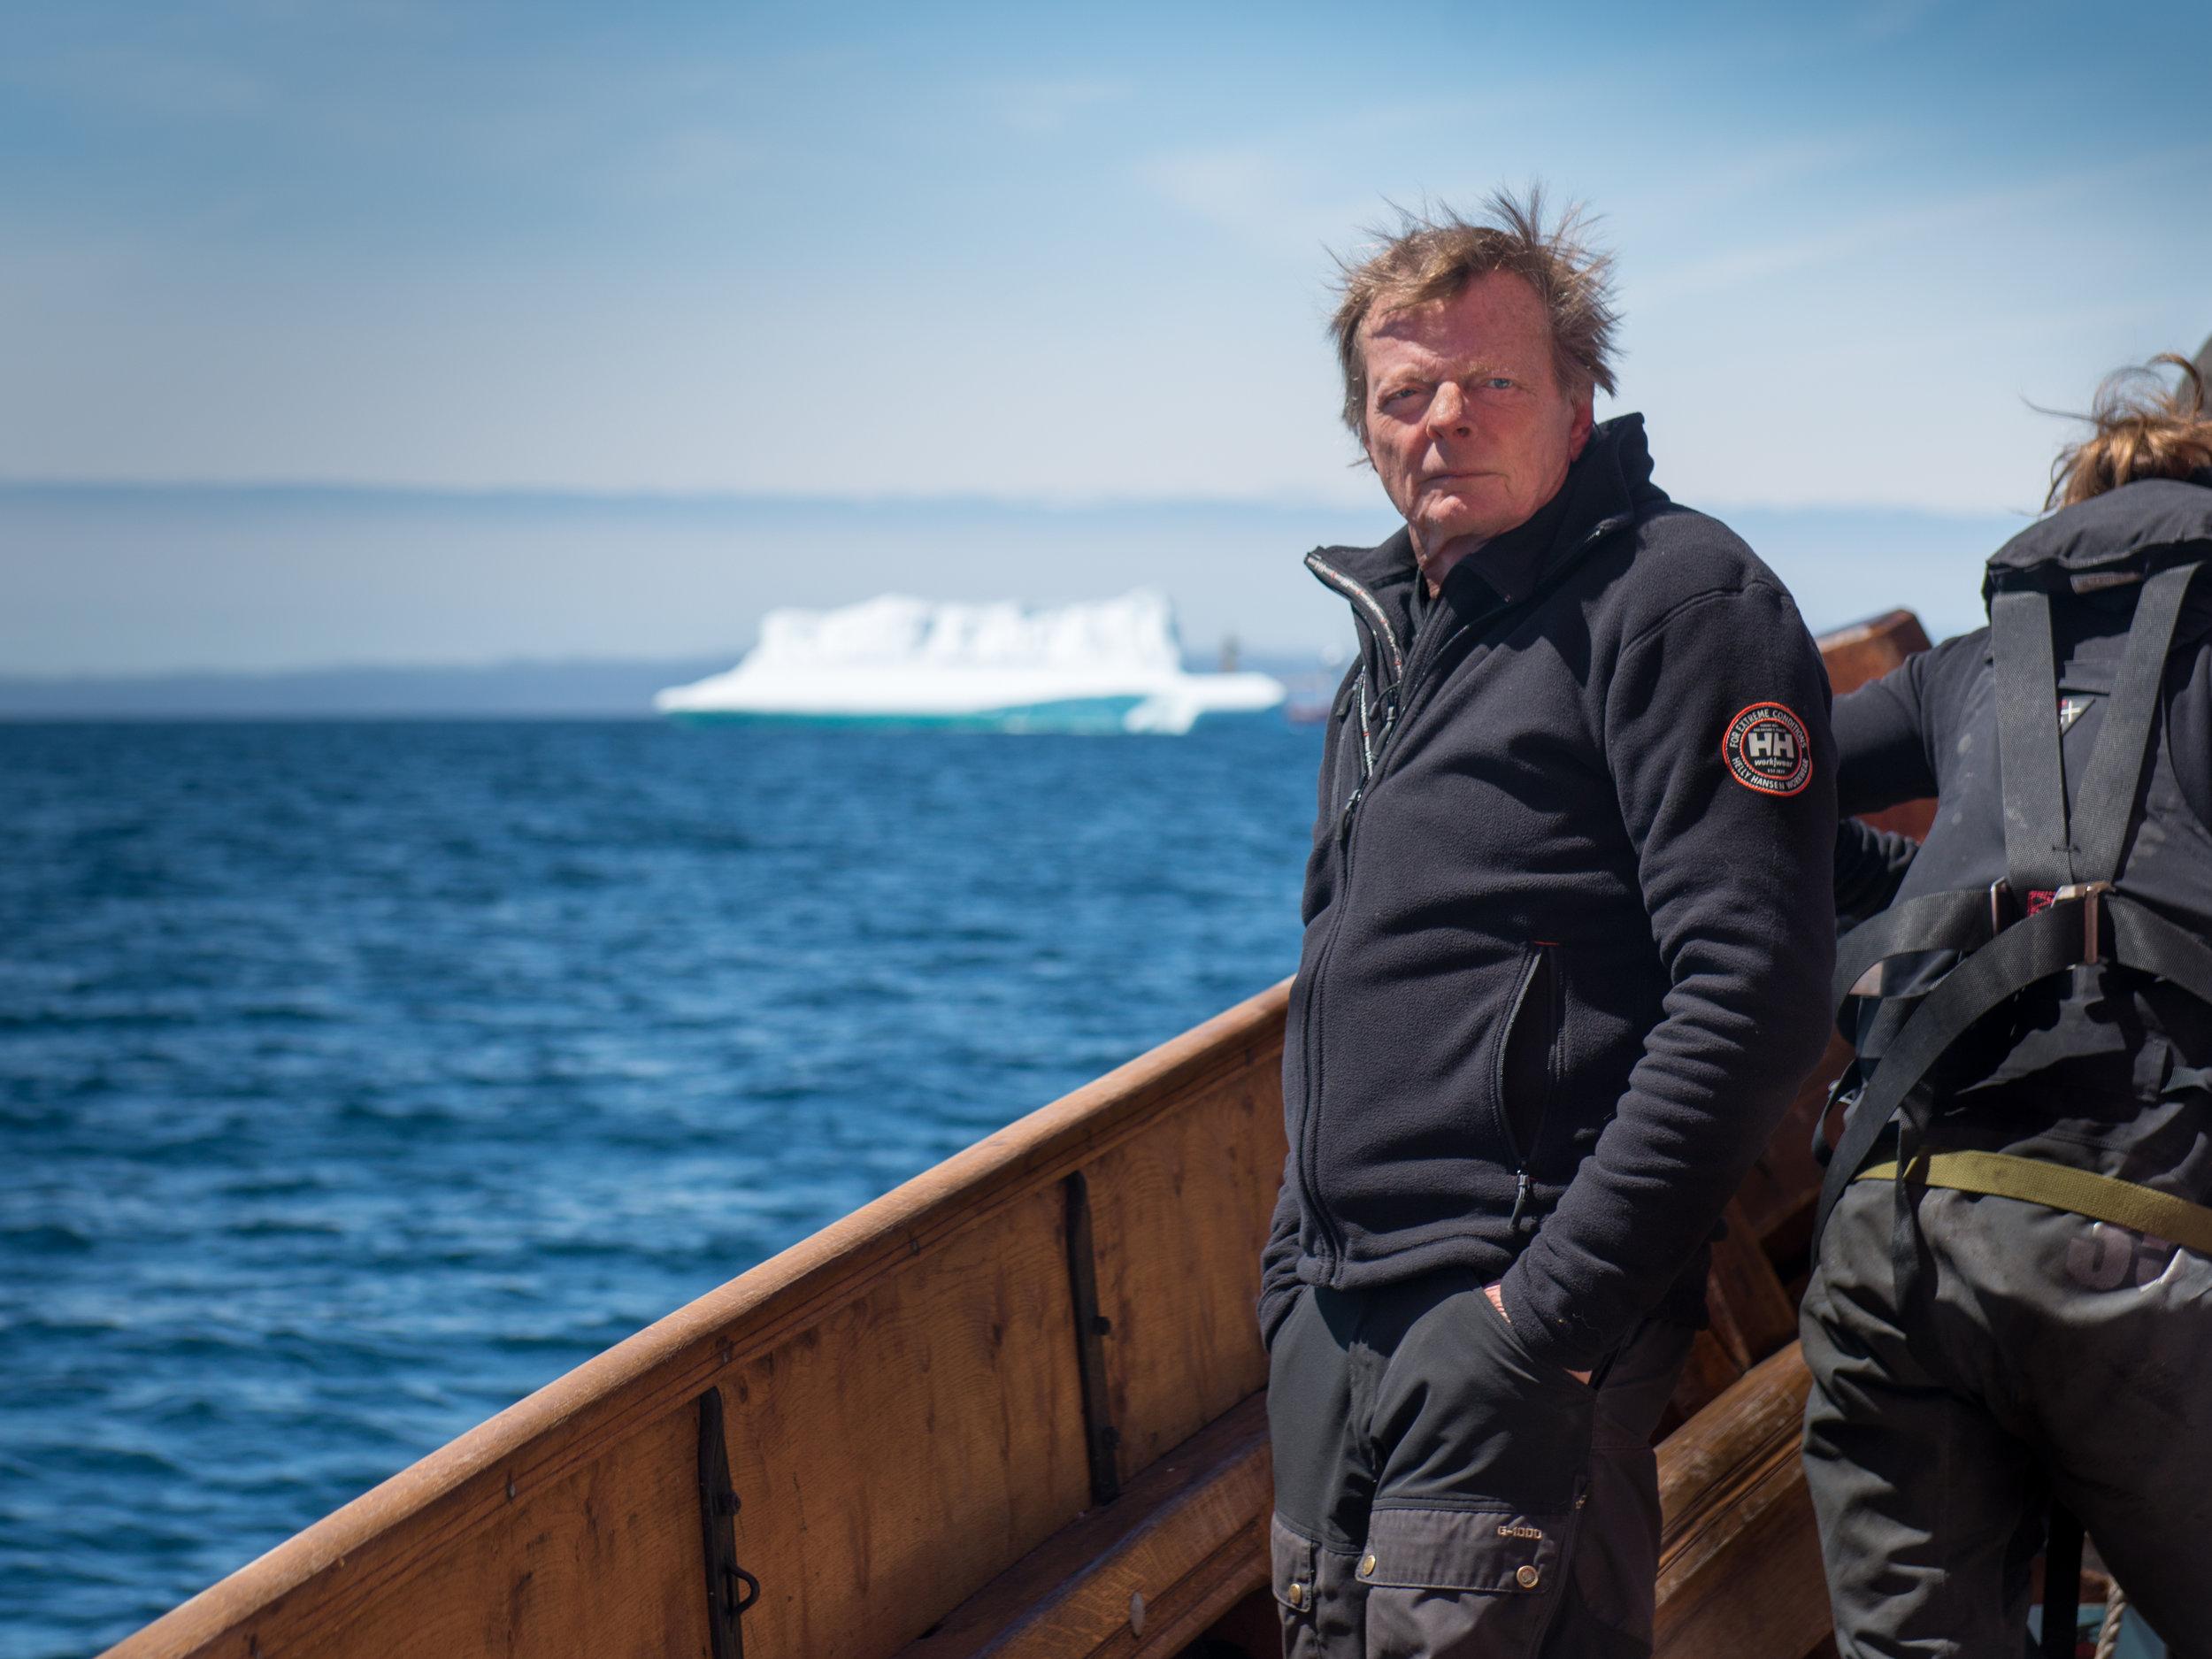 Captain Björn Ahlander, Sweden